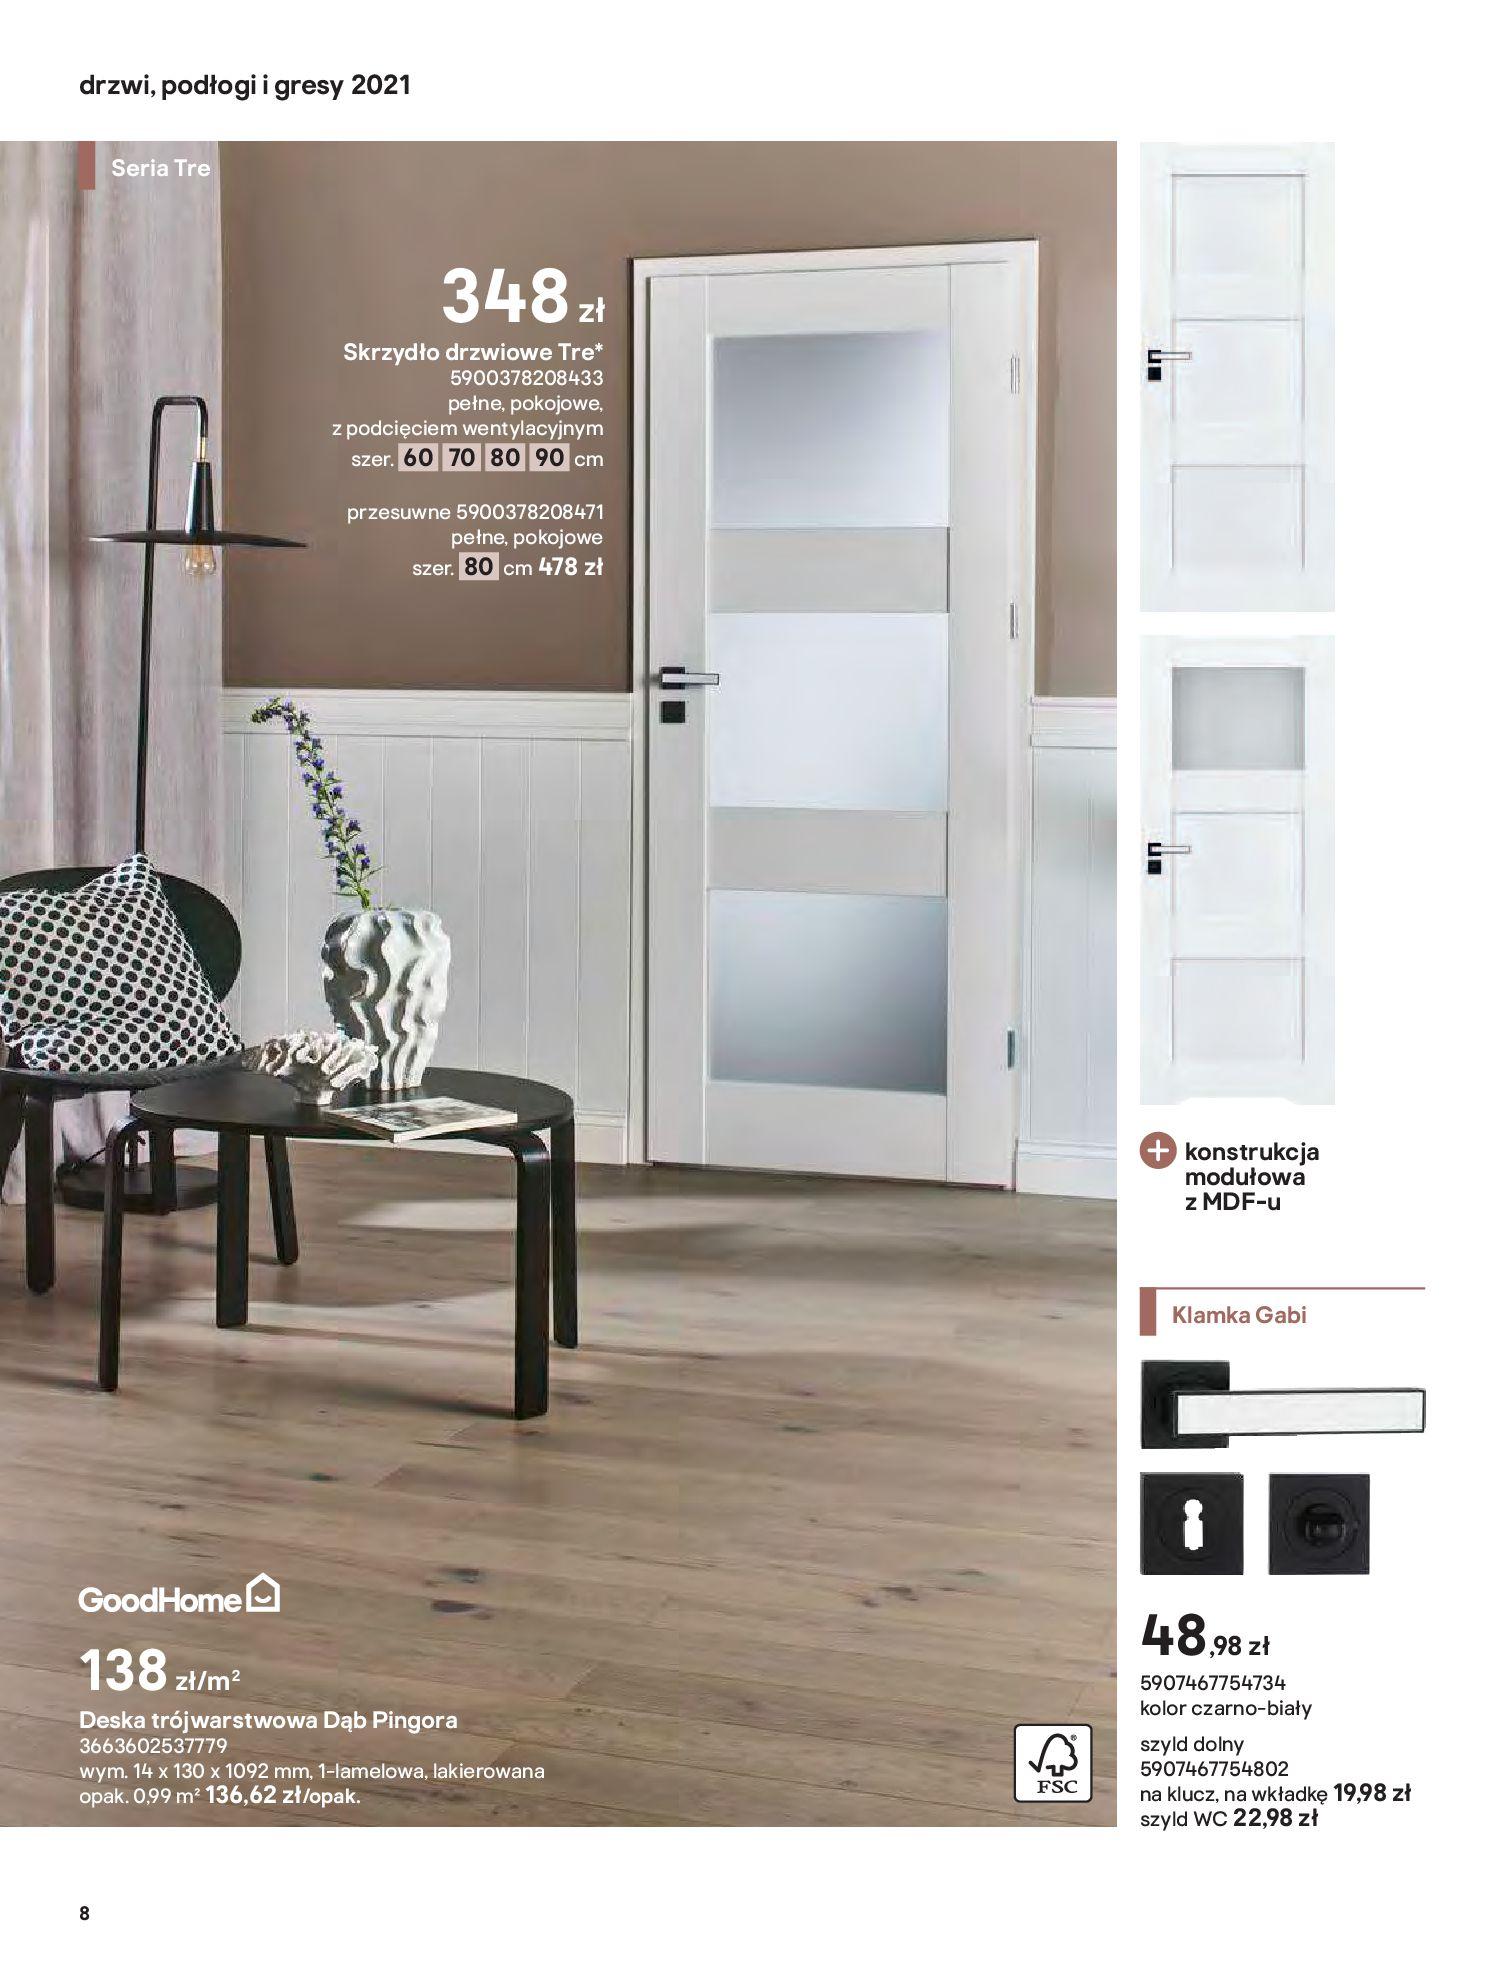 Gazetka Castorama: Gazetka Castorama - Przewodnik drzwi i podłogi 2021 2021-08-11 page-8